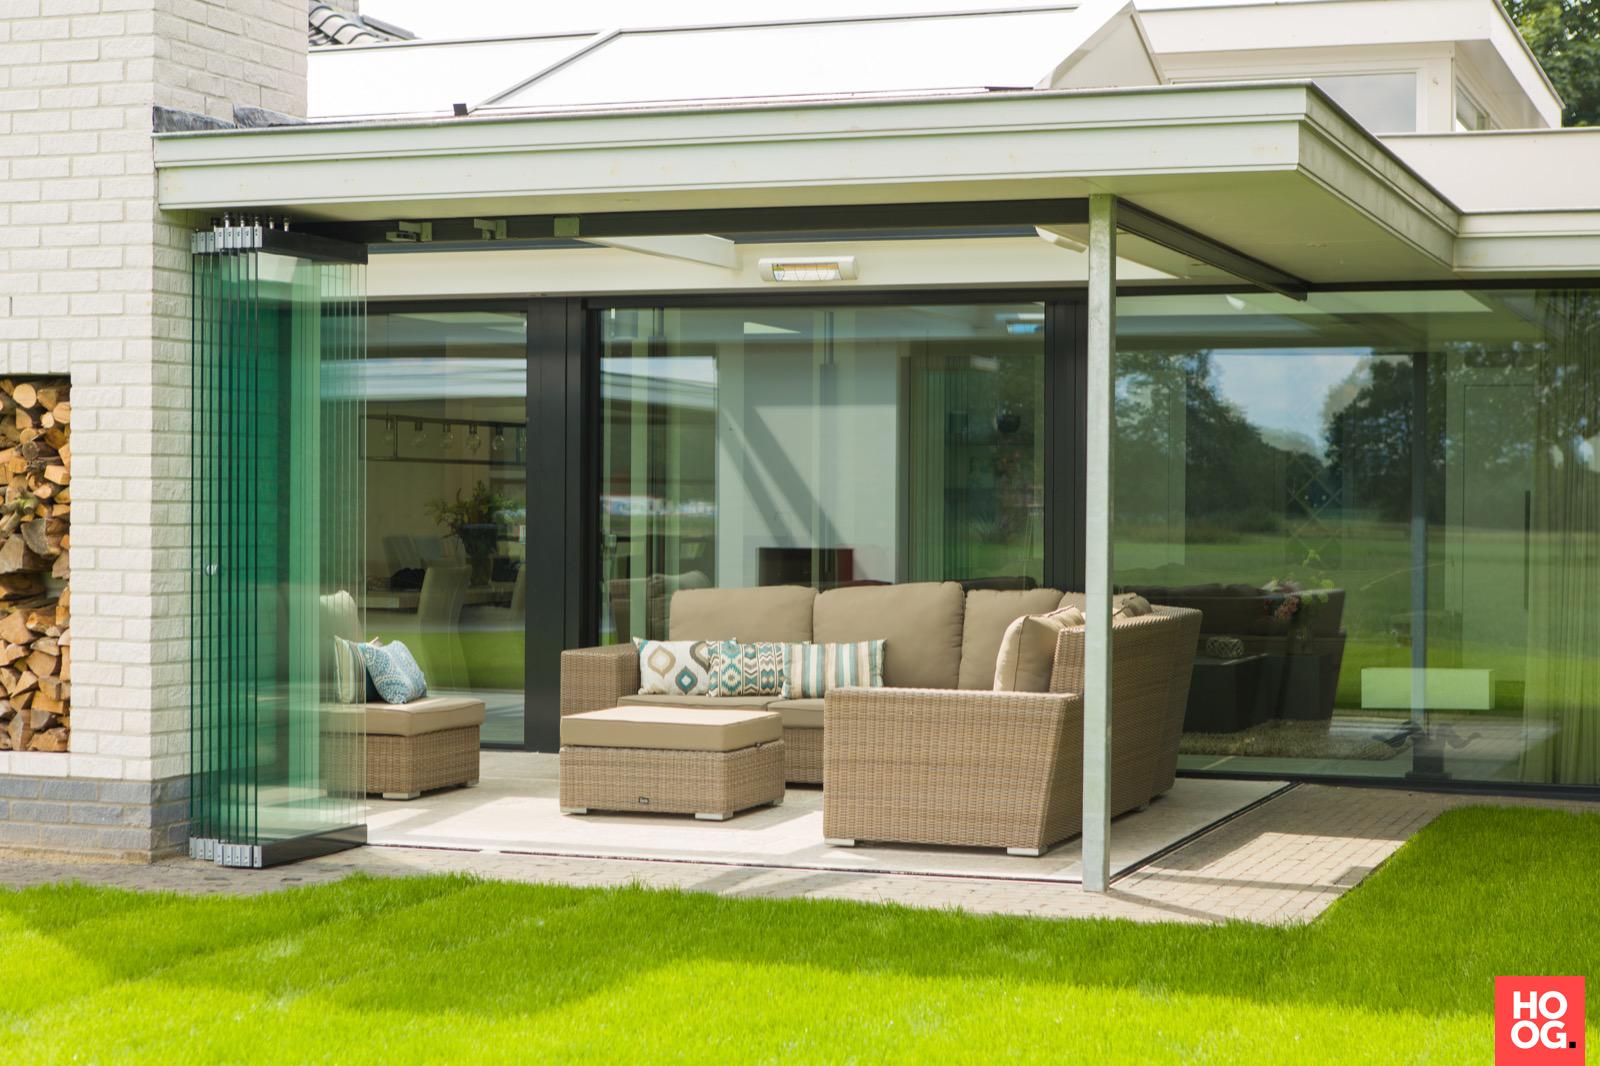 Verbouw van een villa met glas minimalistisch hoog □ exclusieve